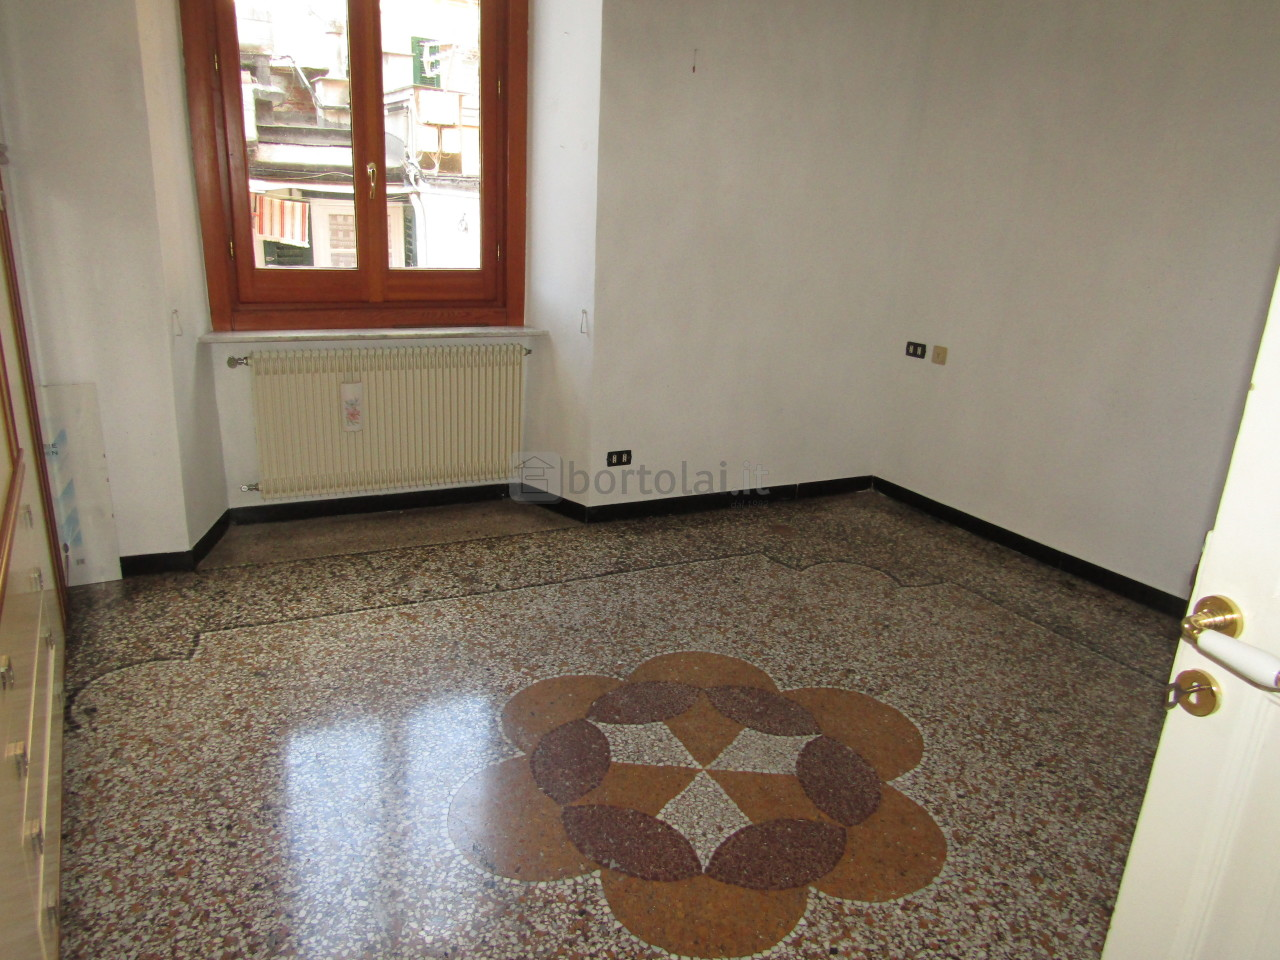 Appartamenti e Attici GENOVA affitto  CASTELLETTO  Immobiliare Bortolai.it Srl